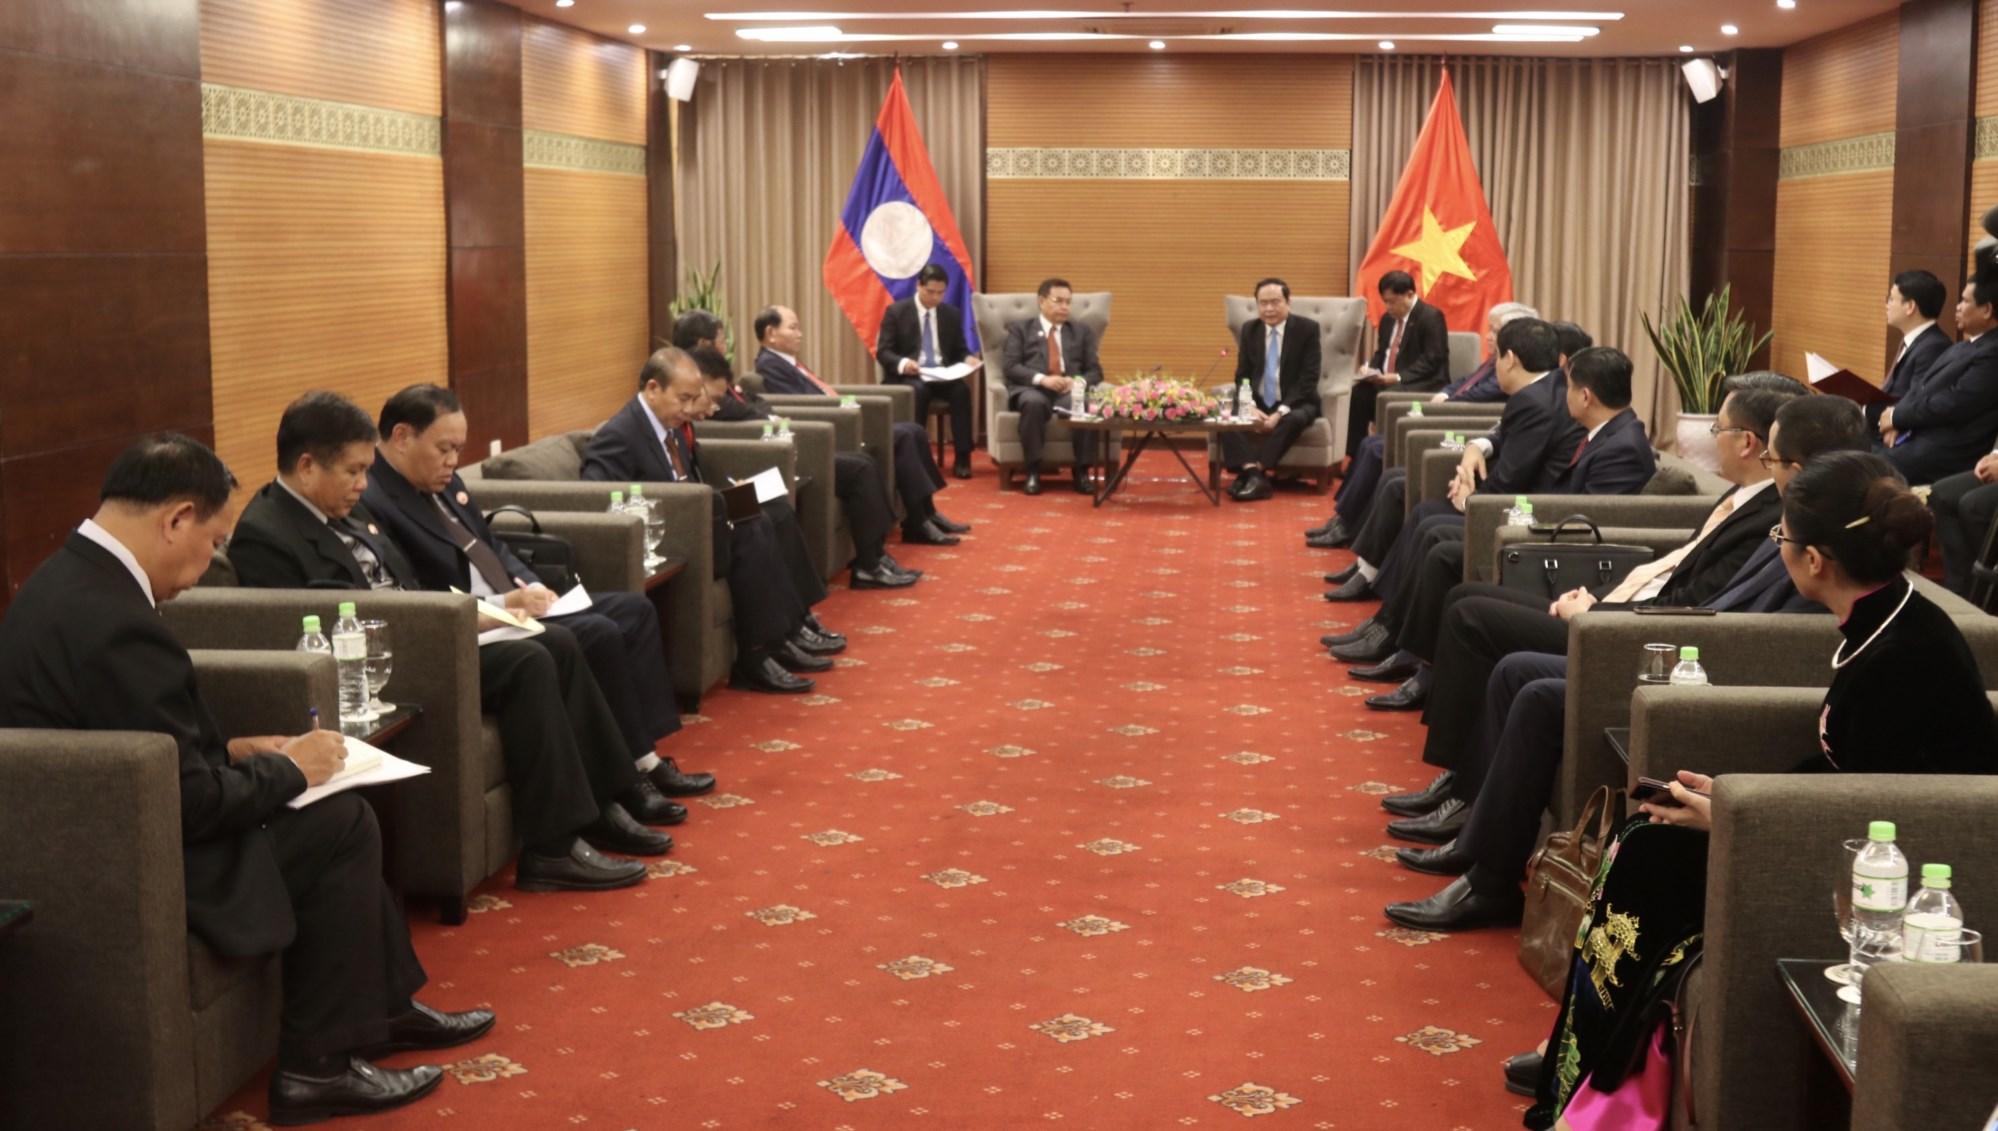 Chủ tịch Ủy ban Trung ương MTTQ Việt Nam Trần Thanh Mẫn, Bộ trưởng, Chủ nhiệm UBDT Đỗ Văn Chiến tiếp Đoàn Chủ tịch Ủy ban Trung ương Mặt trận Lào xây dựng đất nước